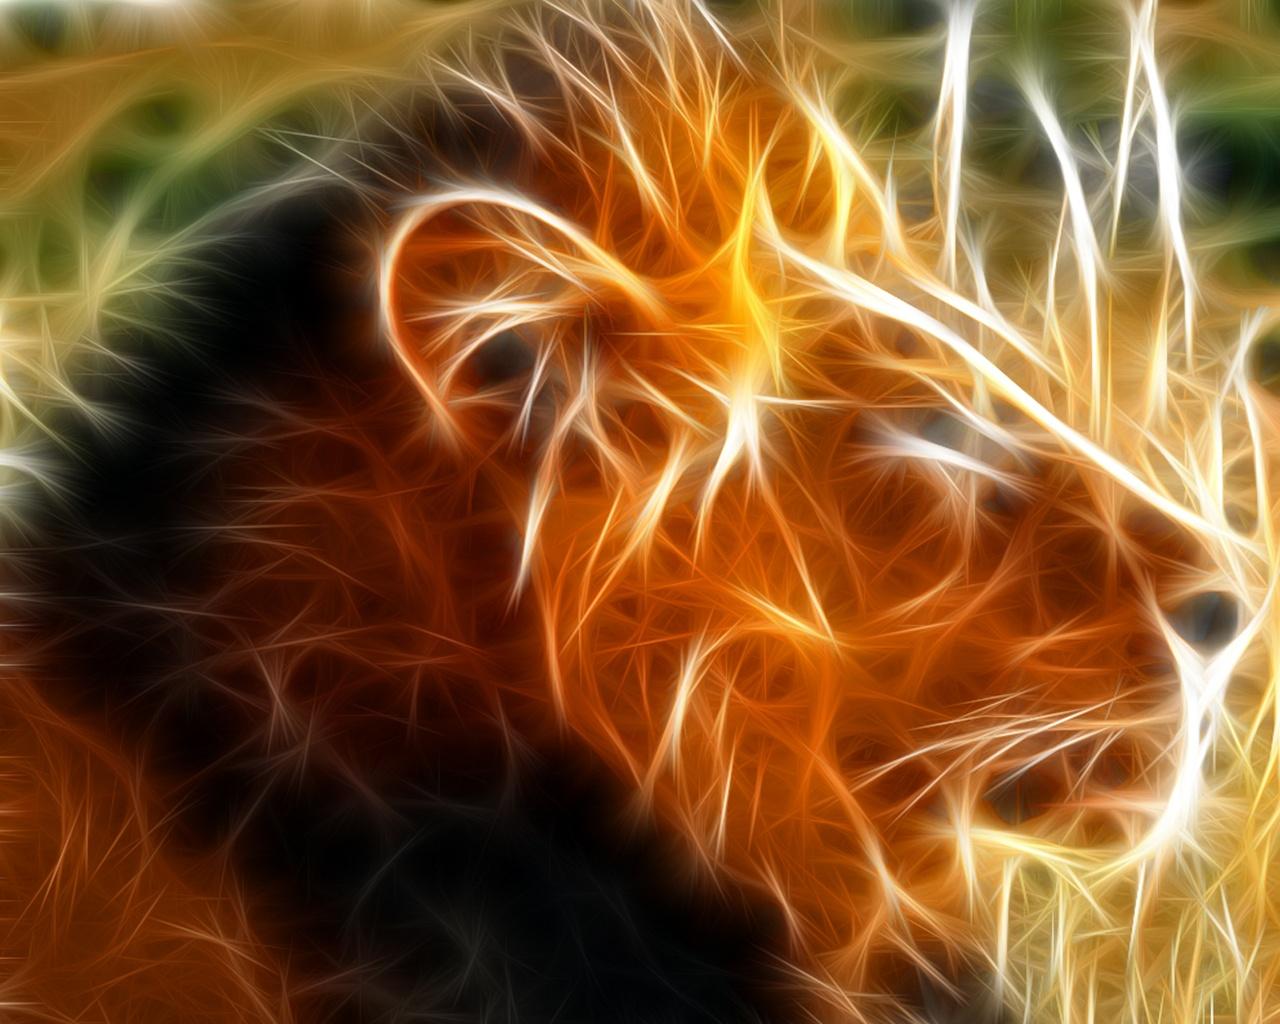 http://1.bp.blogspot.com/-rU46mJd3mGA/T7z-xrAjteI/AAAAAAAACoA/GC_wlgSdLUE/s1600/lion-wallpaper-1.jpg